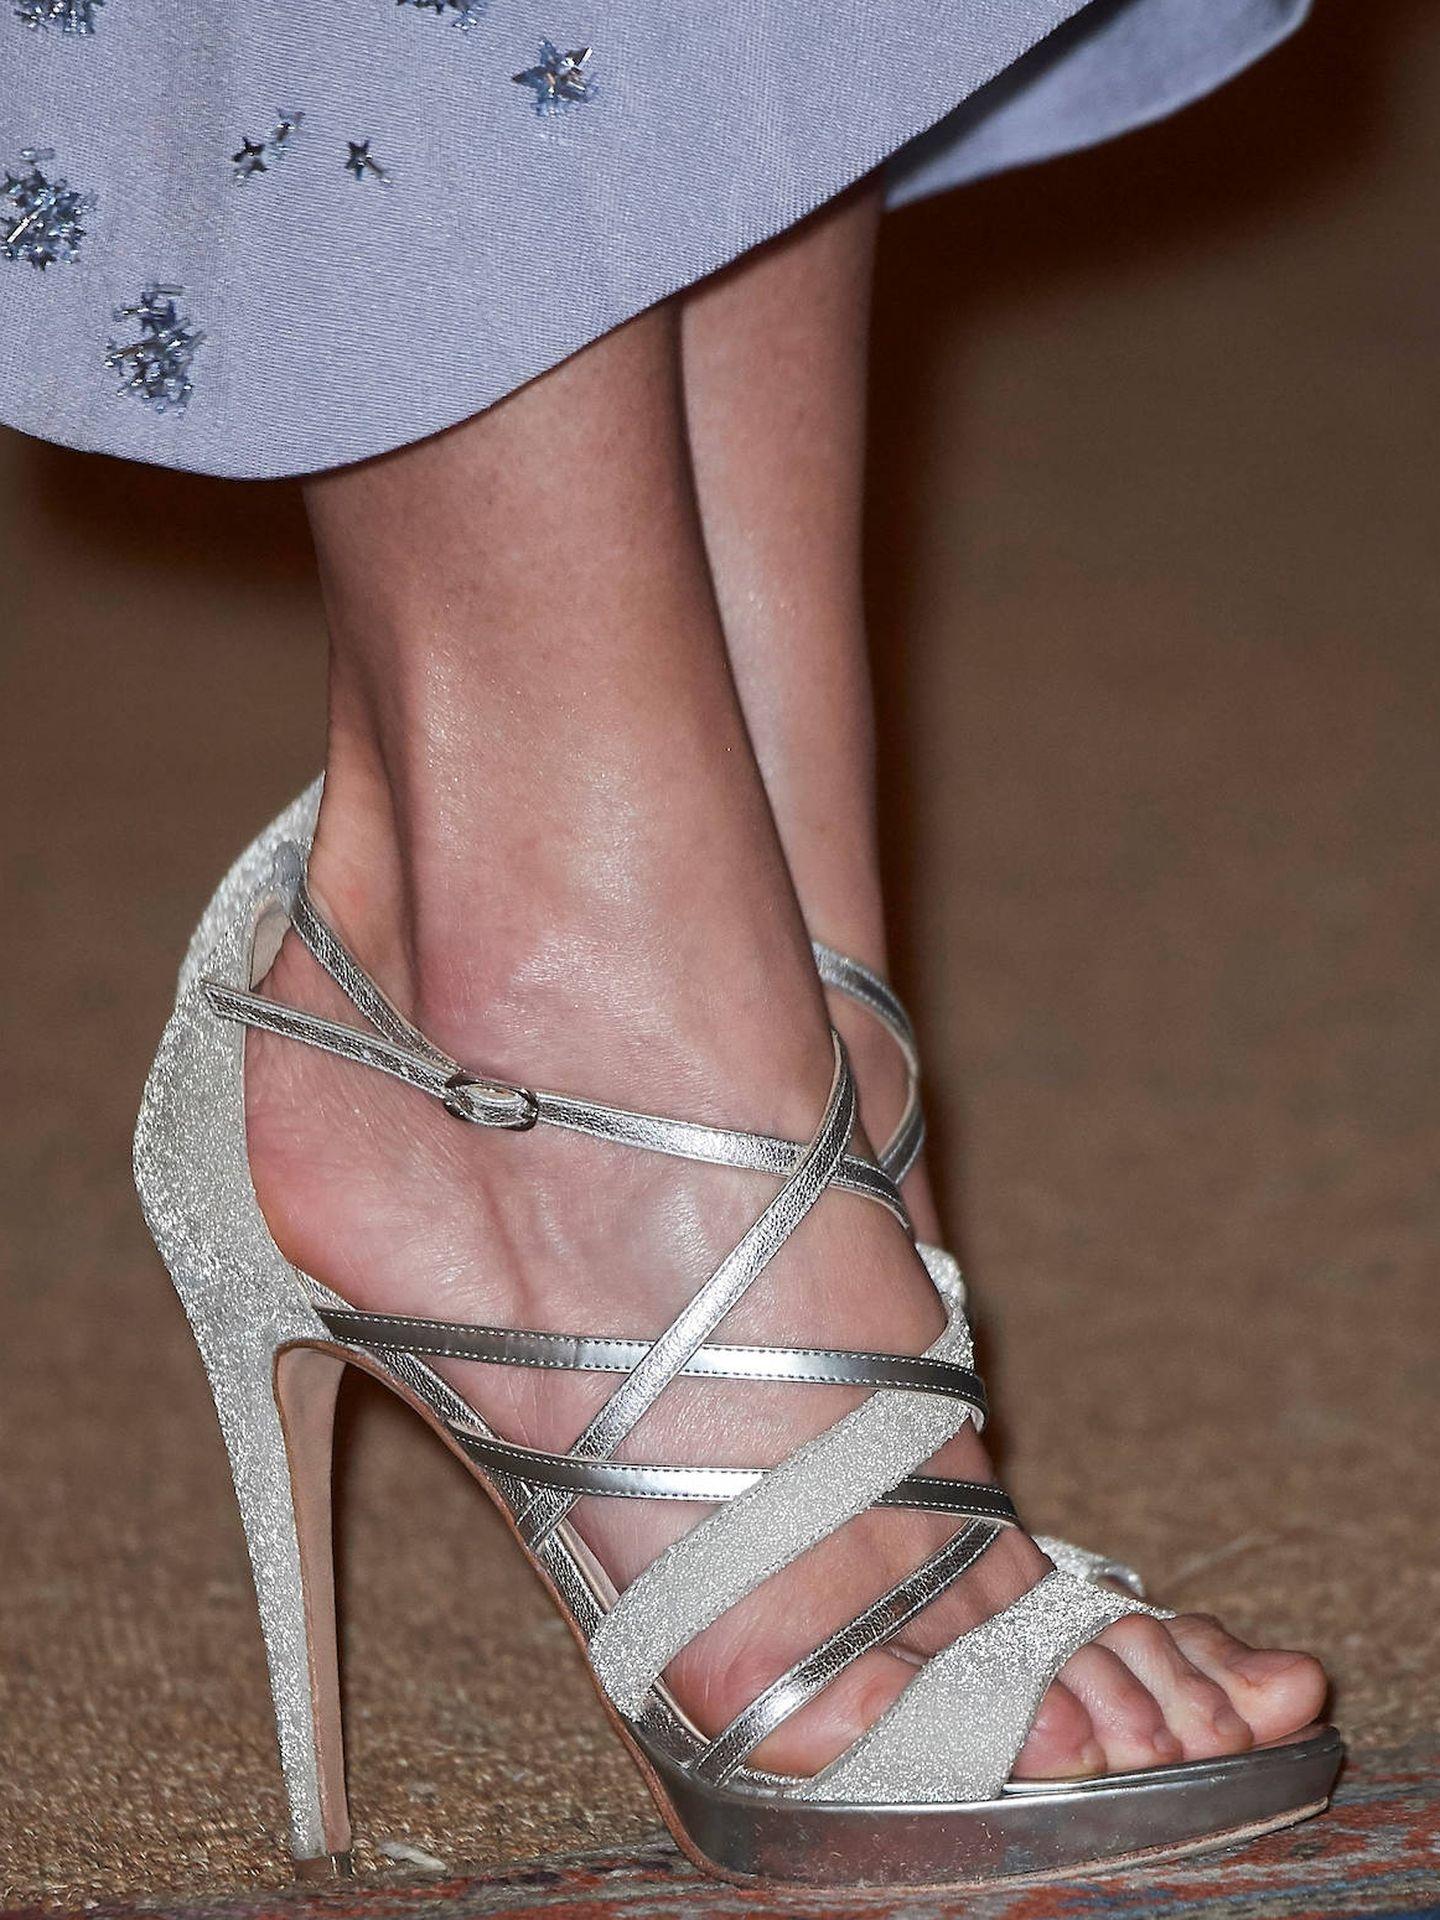 La Reina, con sandalias metálicas. (LP)